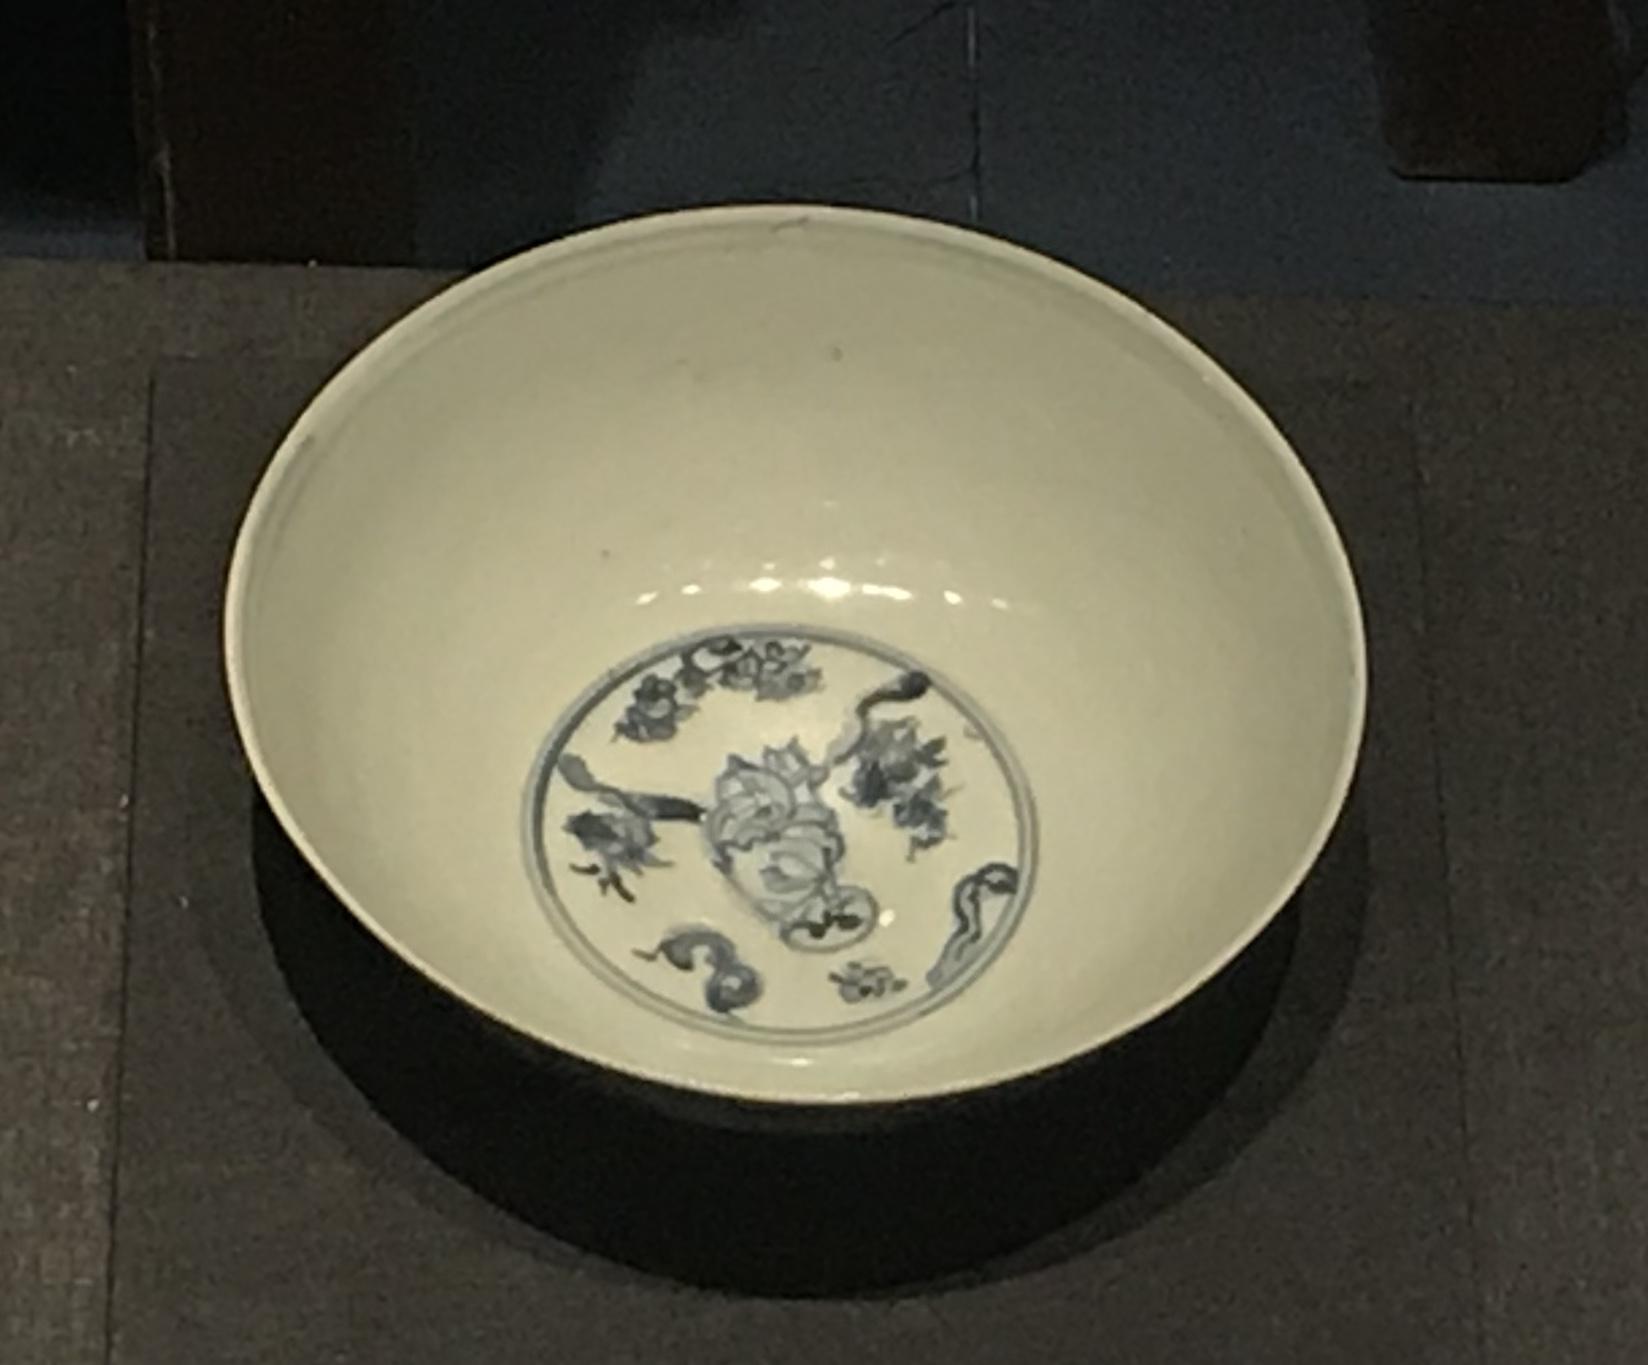 青花嬰戲図磁碗1-明清時代-常設展F3-成都博物館